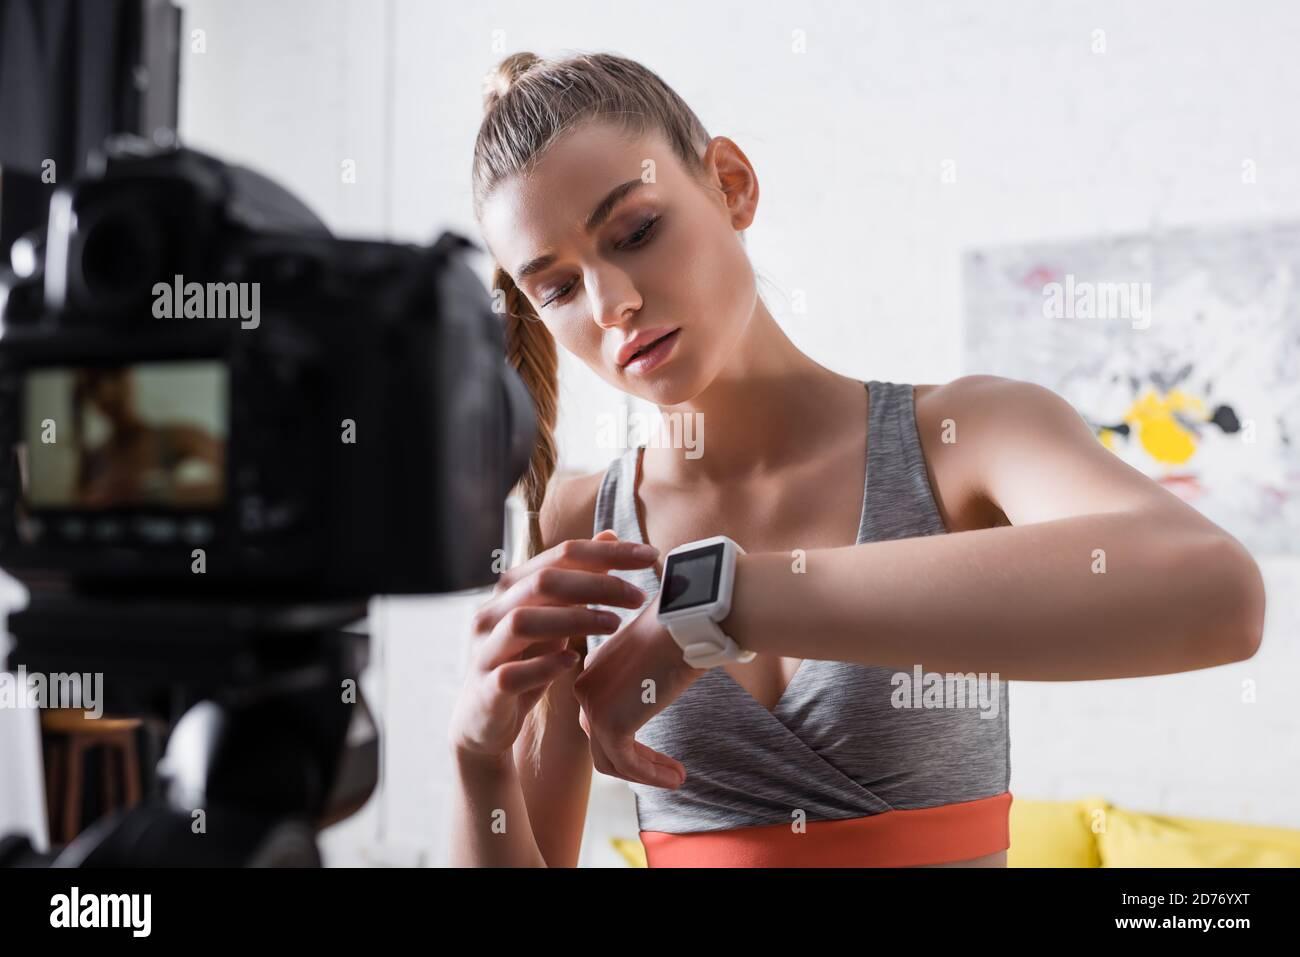 Objectif sélectif de la femme dans les vêtements de sport pointant vers le tracker de forme physique près de l'appareil photo numérique à la maison Banque D'Images